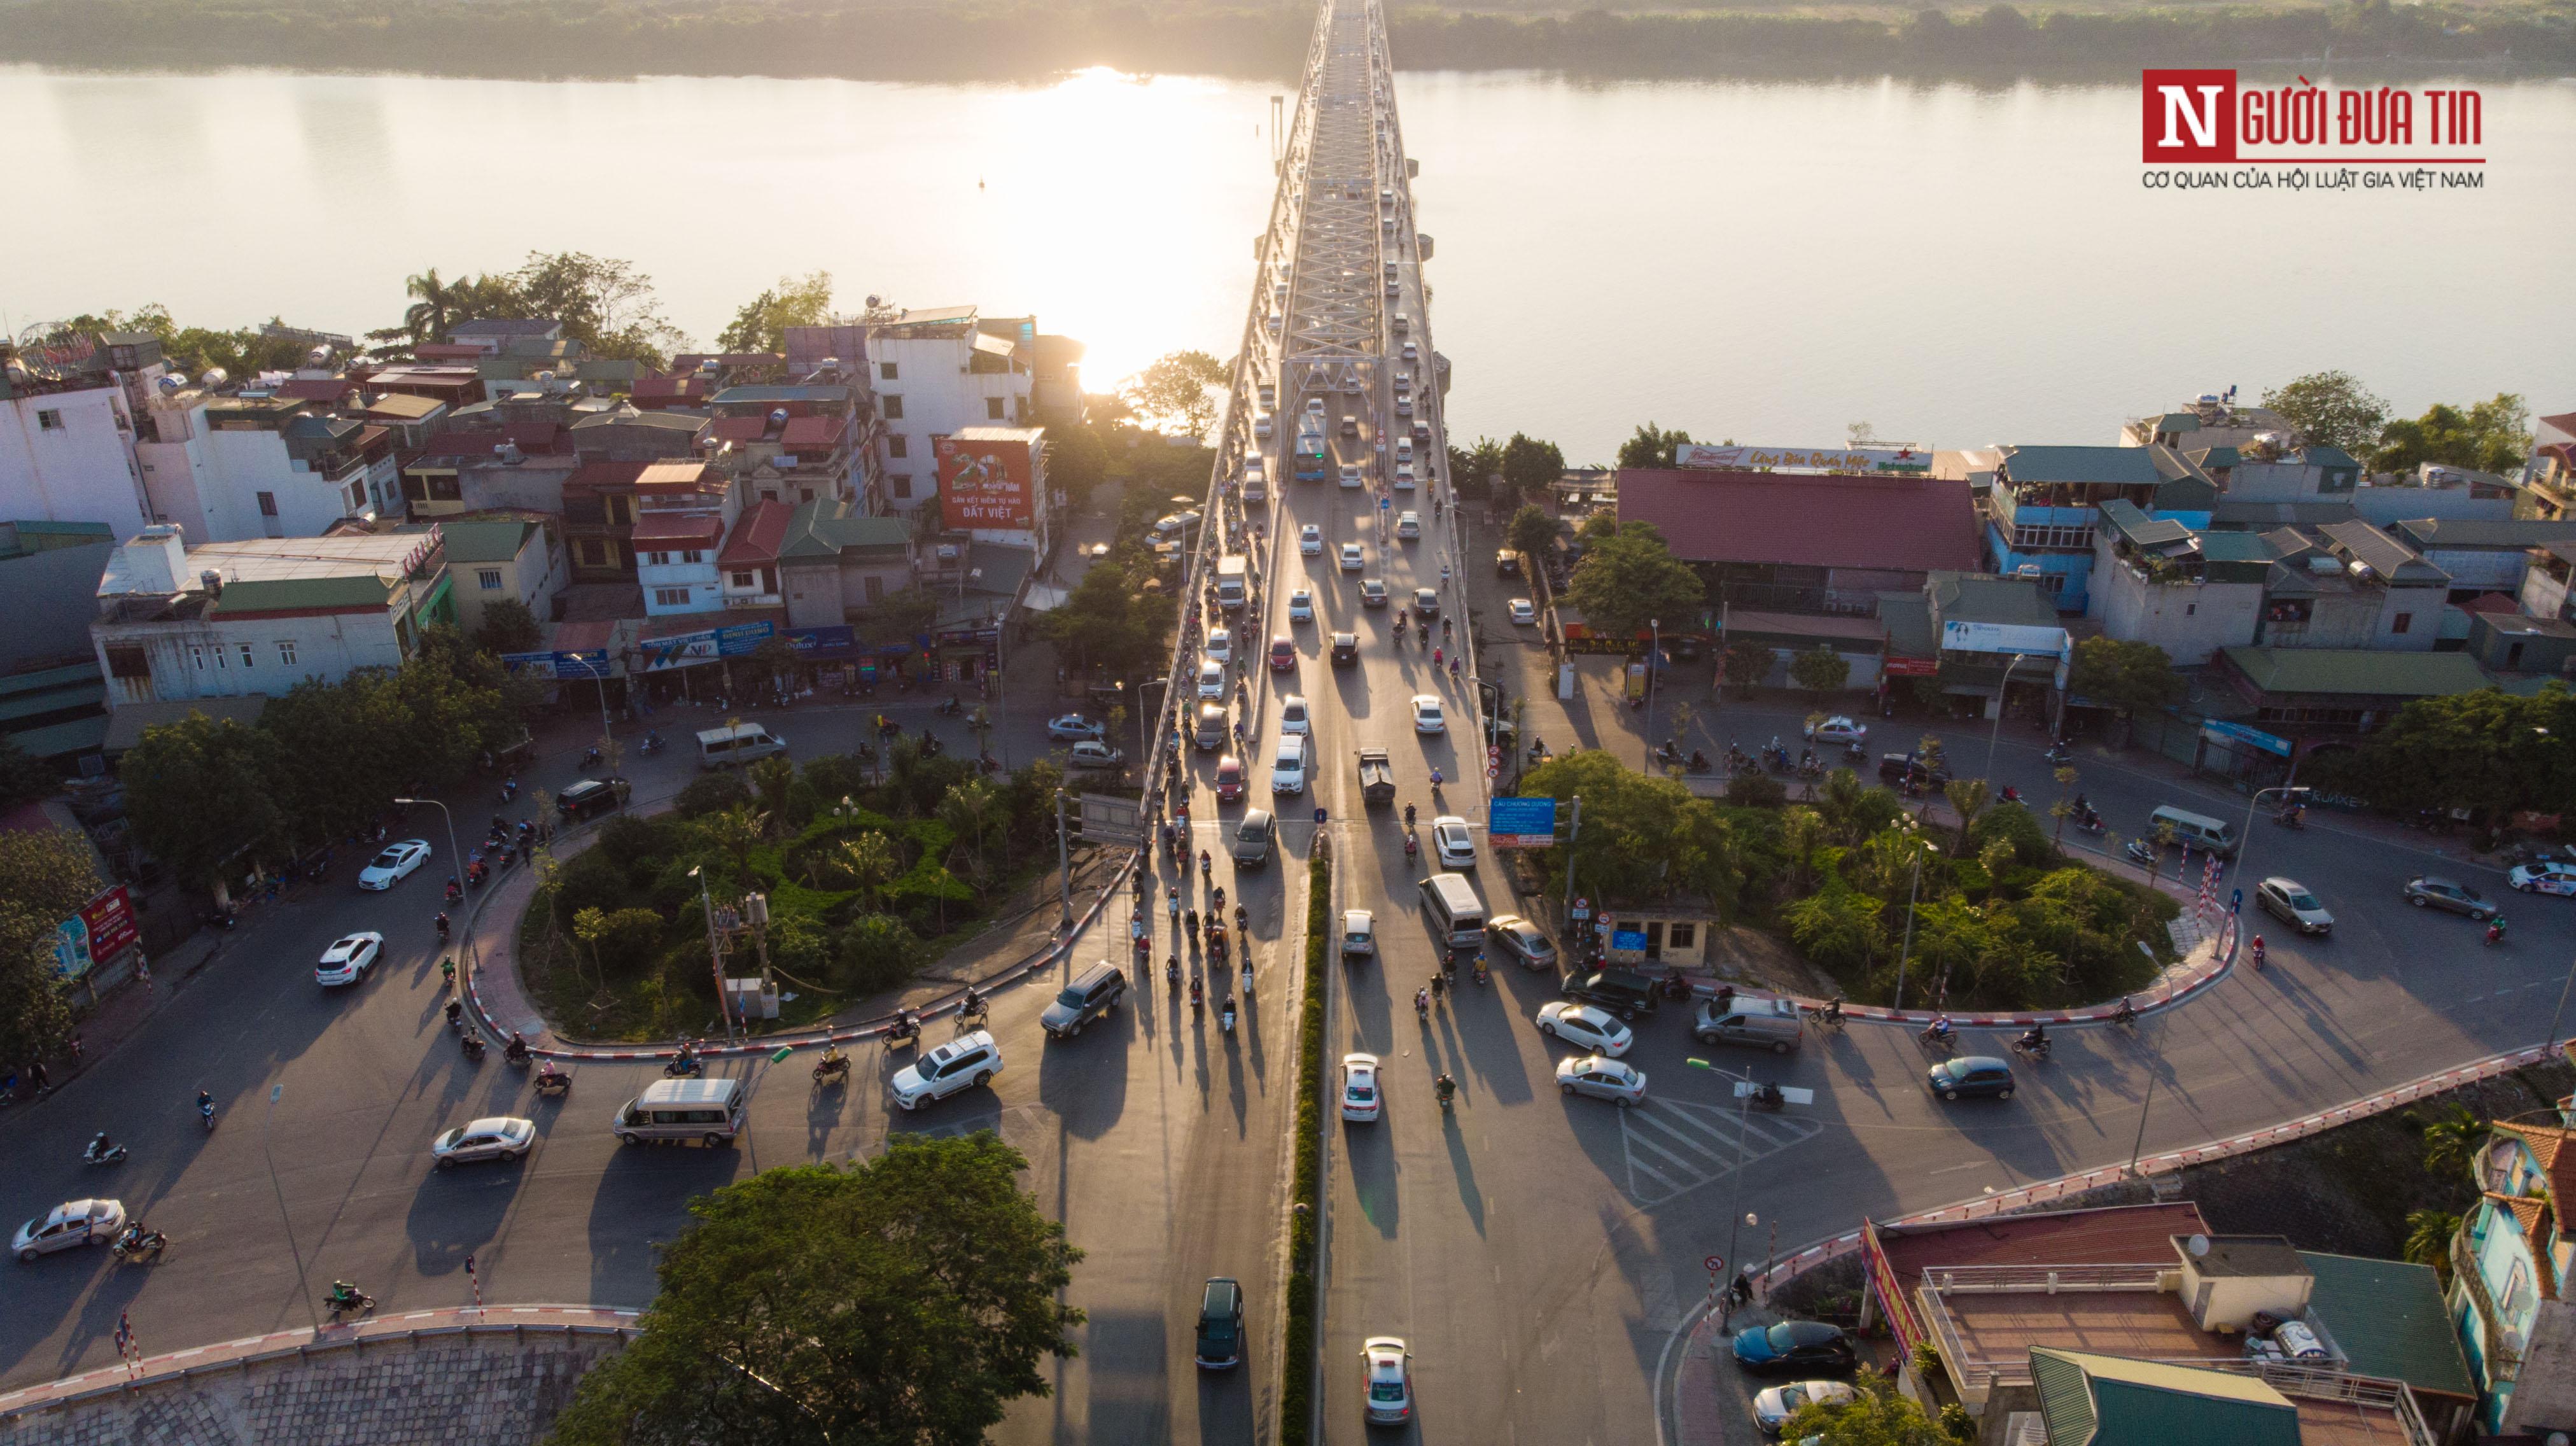 Tin nhanh - Chiêm ngưỡng 6 cây cầu bắc qua sông Hồng nối trung tâm Hà Nội (Hình 6).